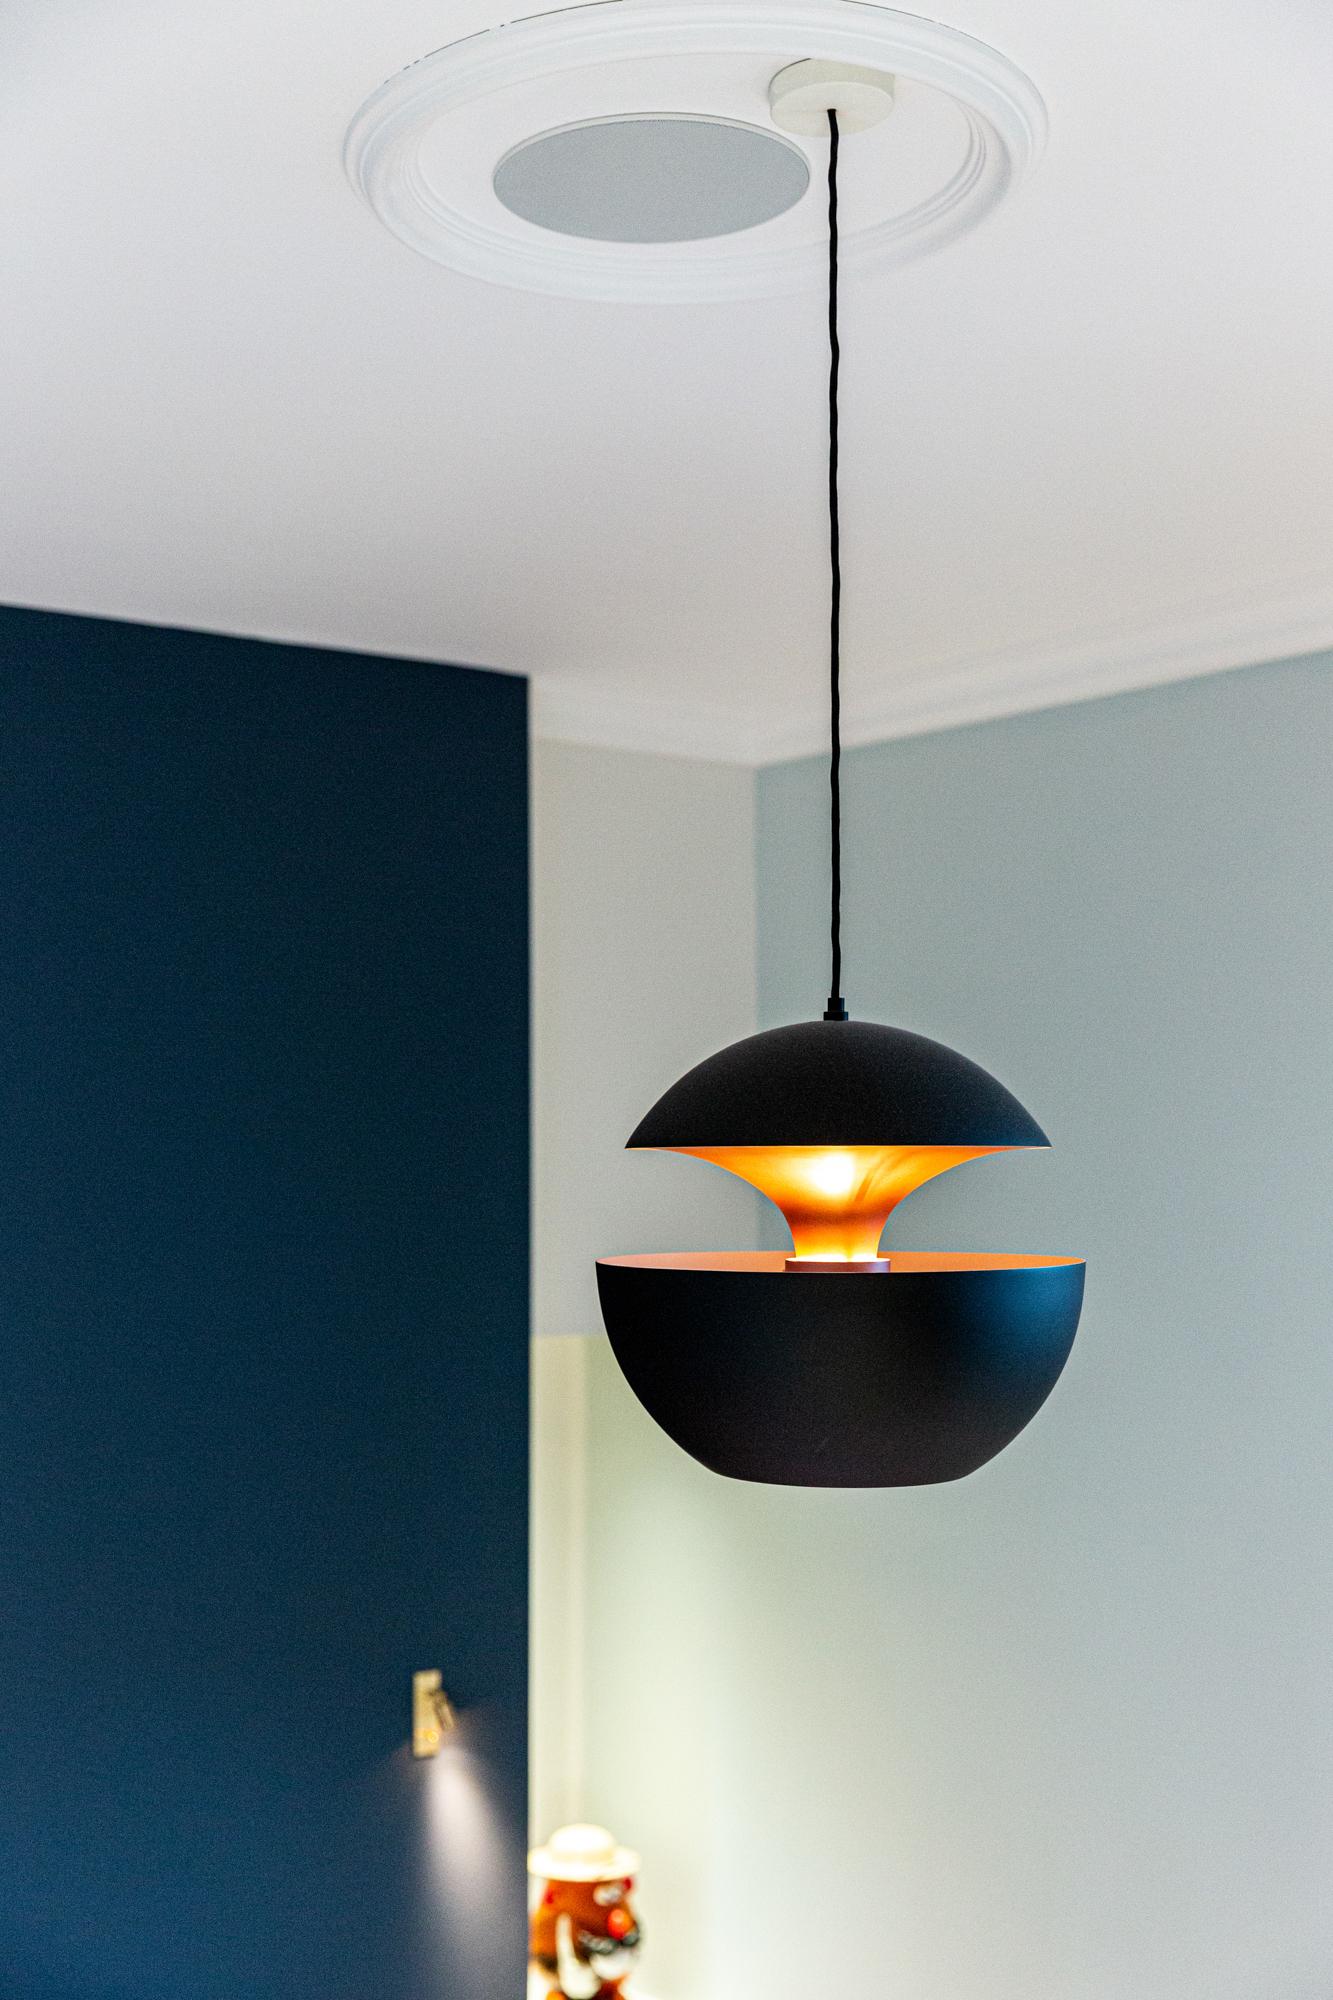 Lampe ronde bleue foncée, dans une chambre. Photographie design et décoration.